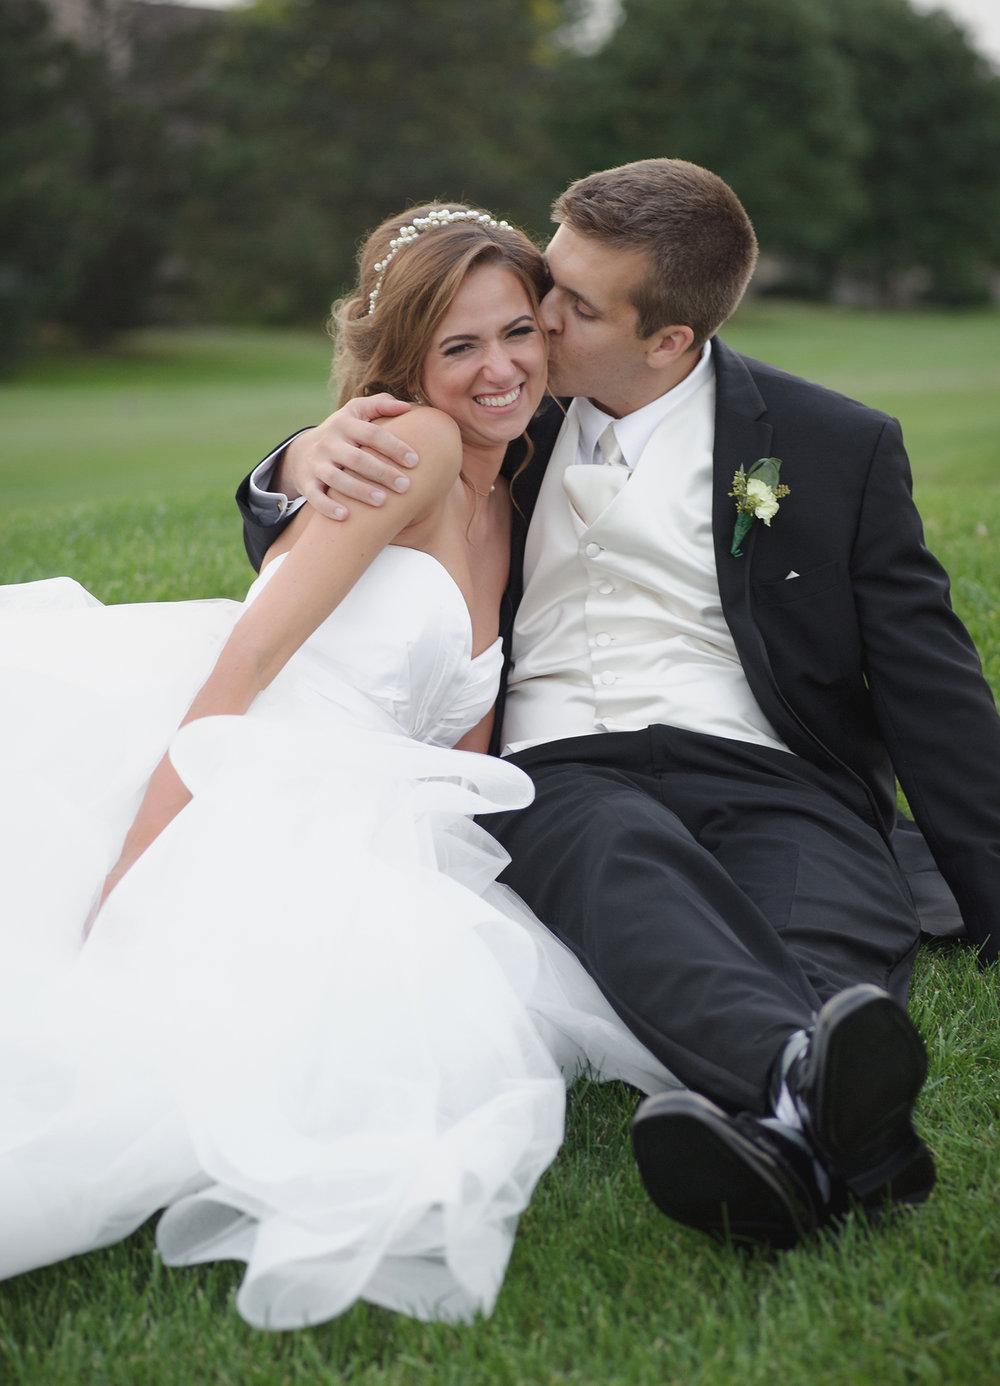 Wedding-588w.jpg